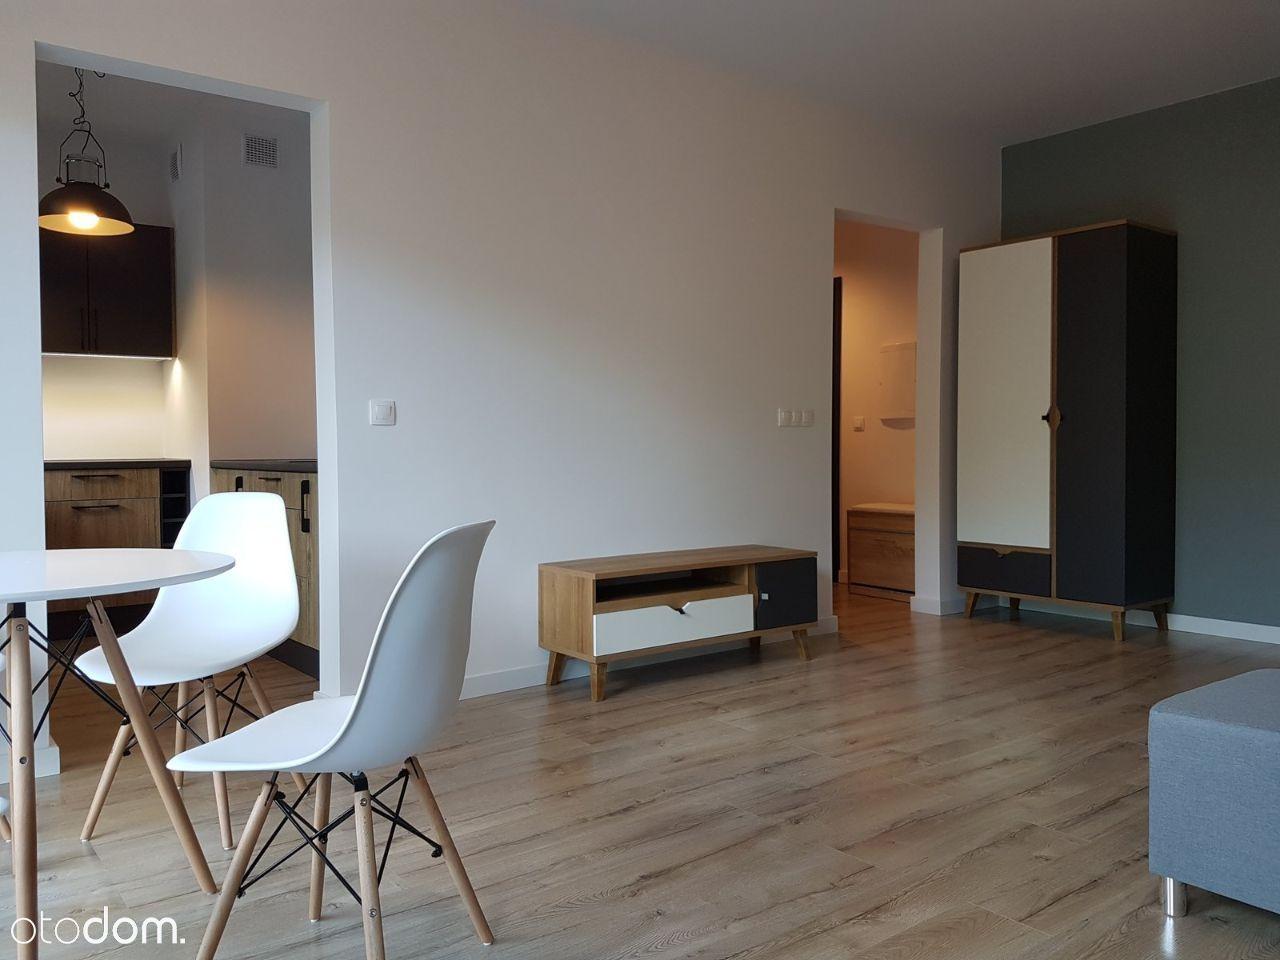 Apartament na Źródlanej (Sołacz) + Garaż !!!